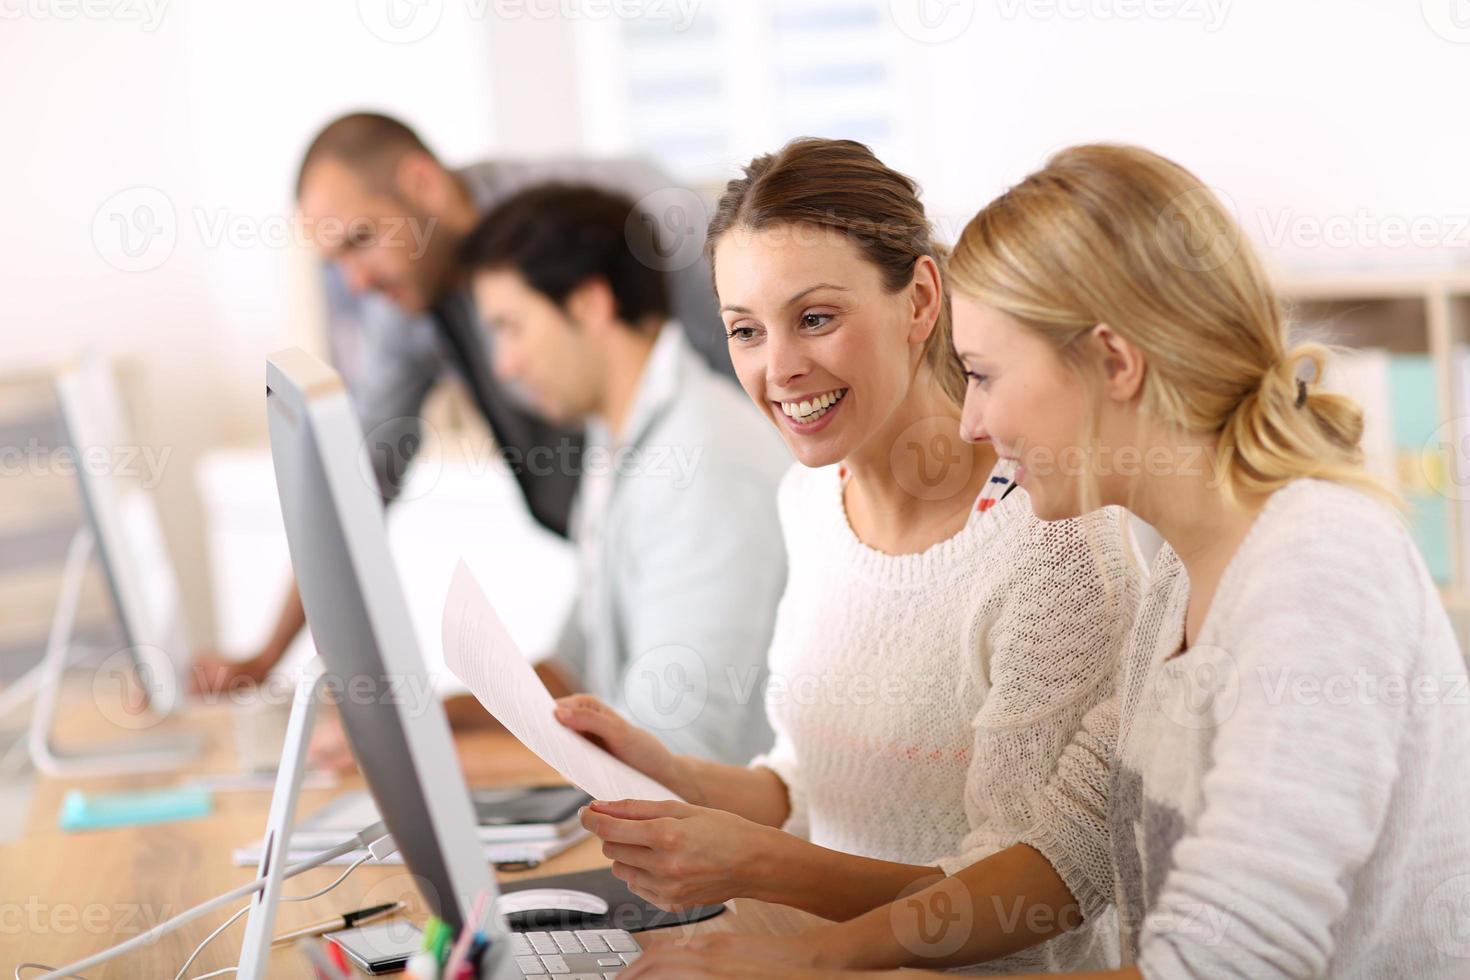 étudiants en classe d'informatique photo